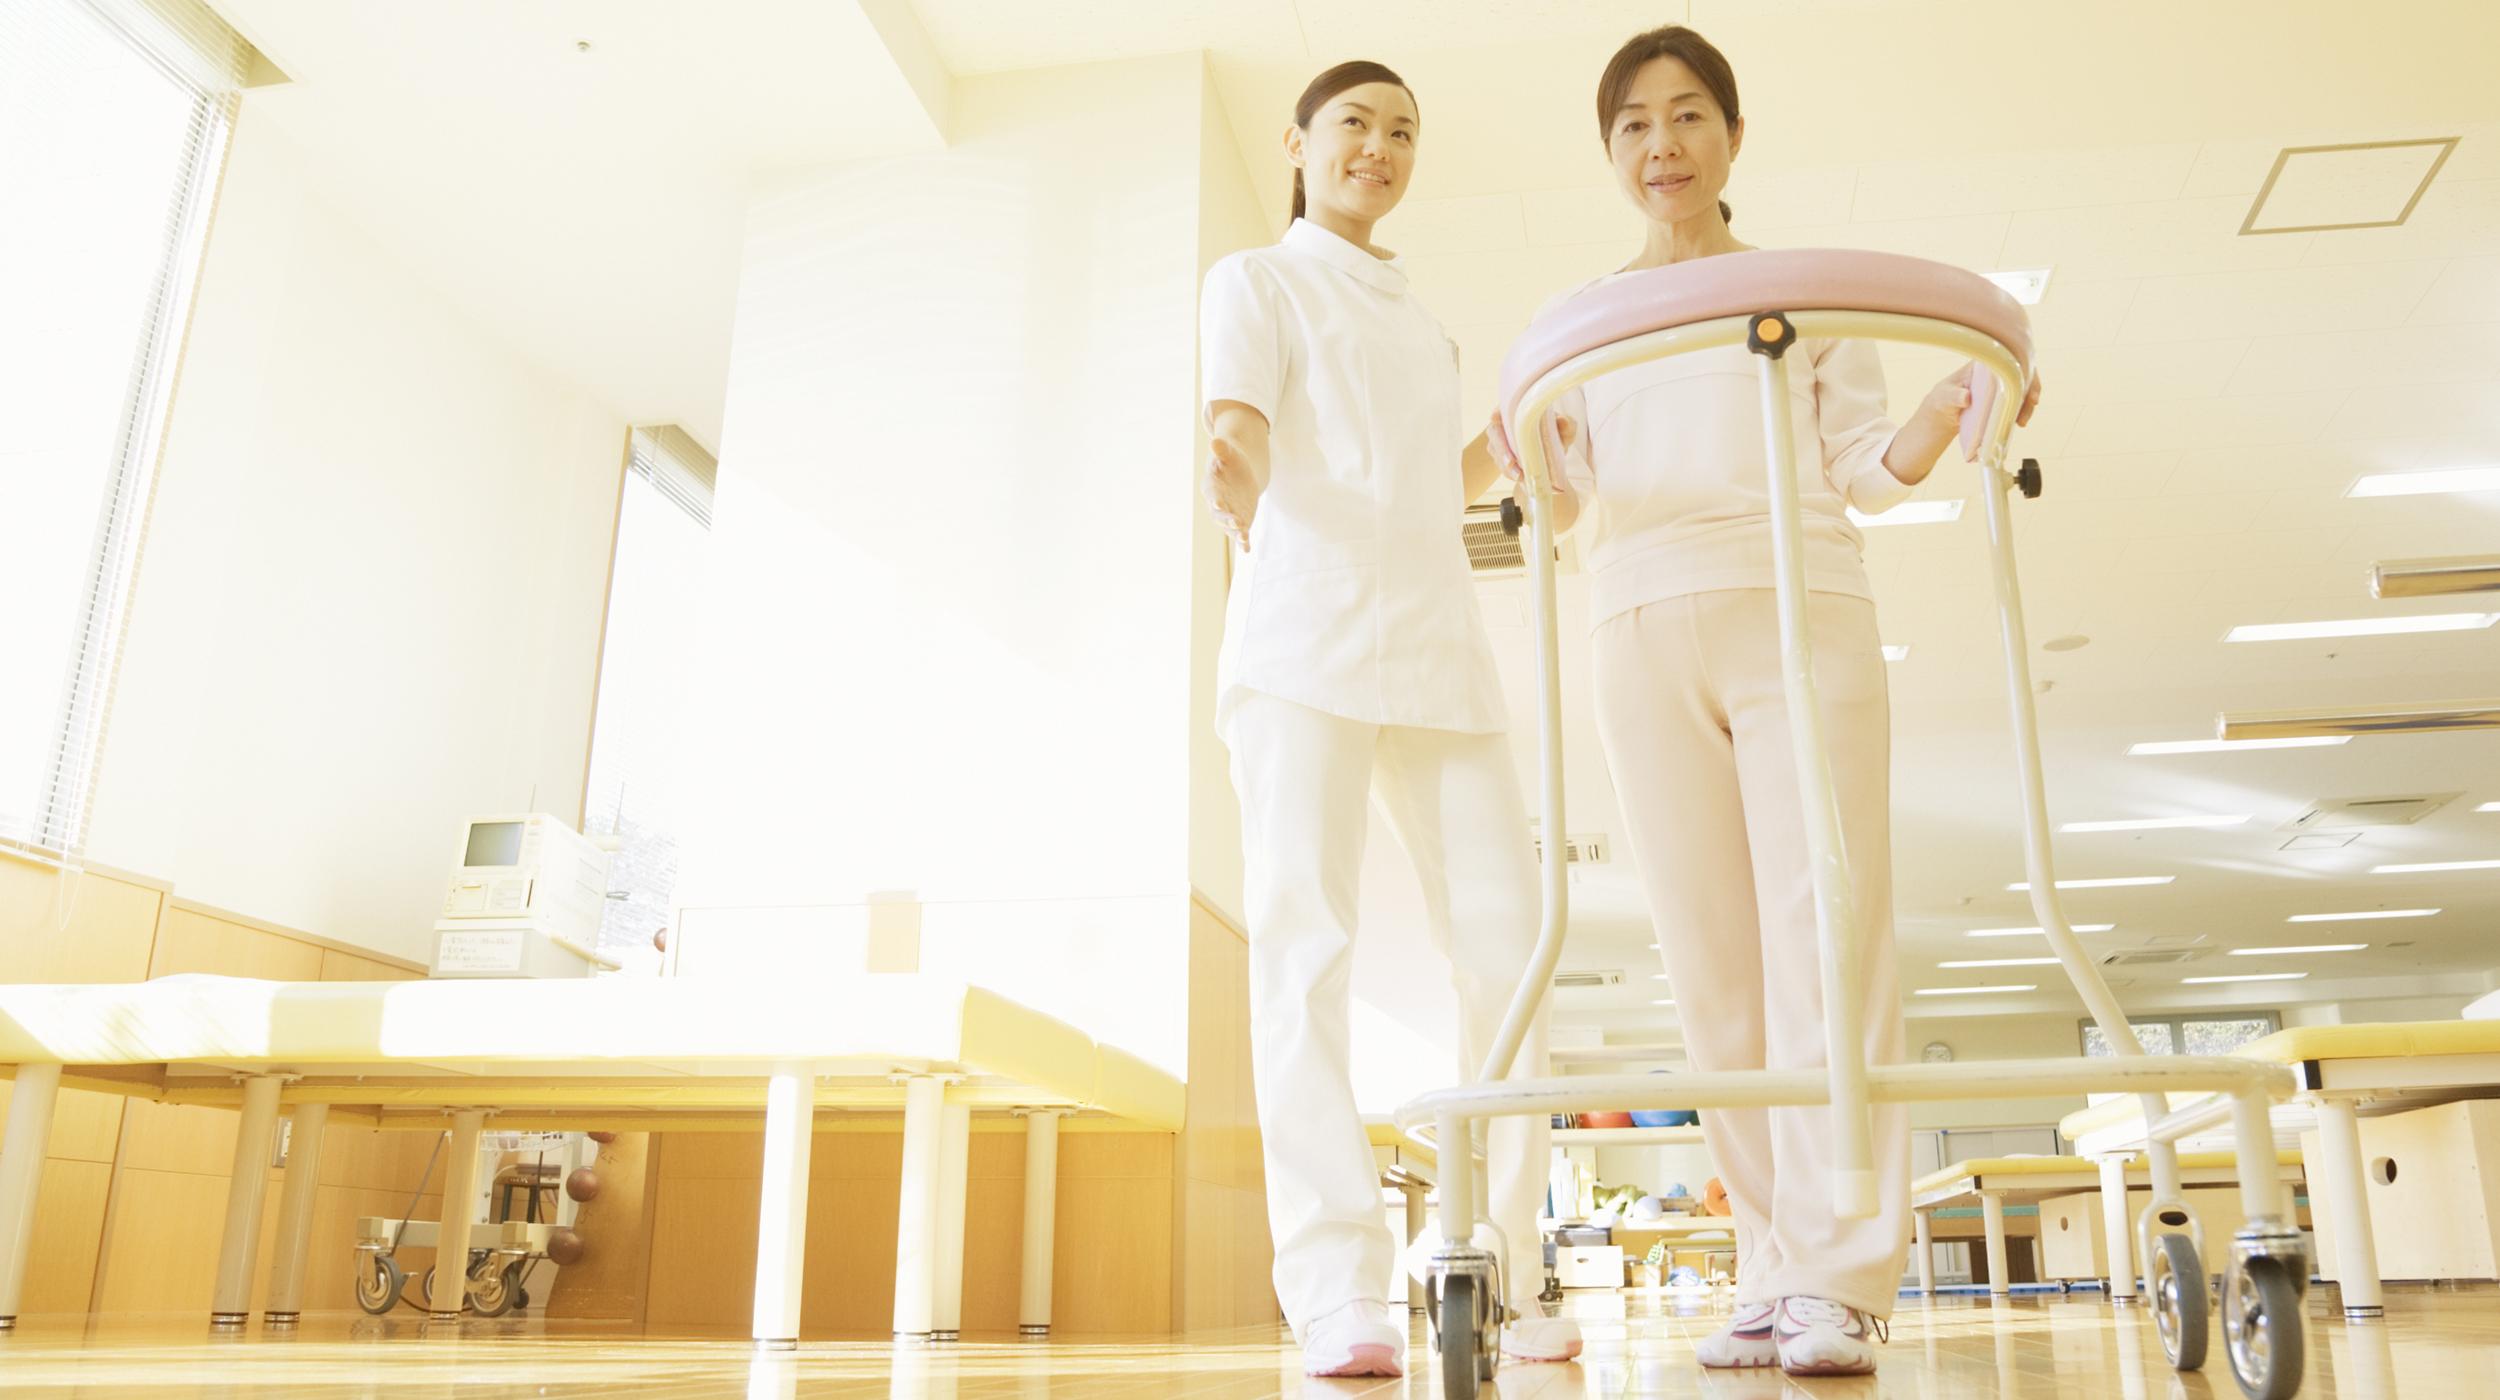 女性の看護師に付き添われて歩行器を使ってリハビリに励む女性の写真